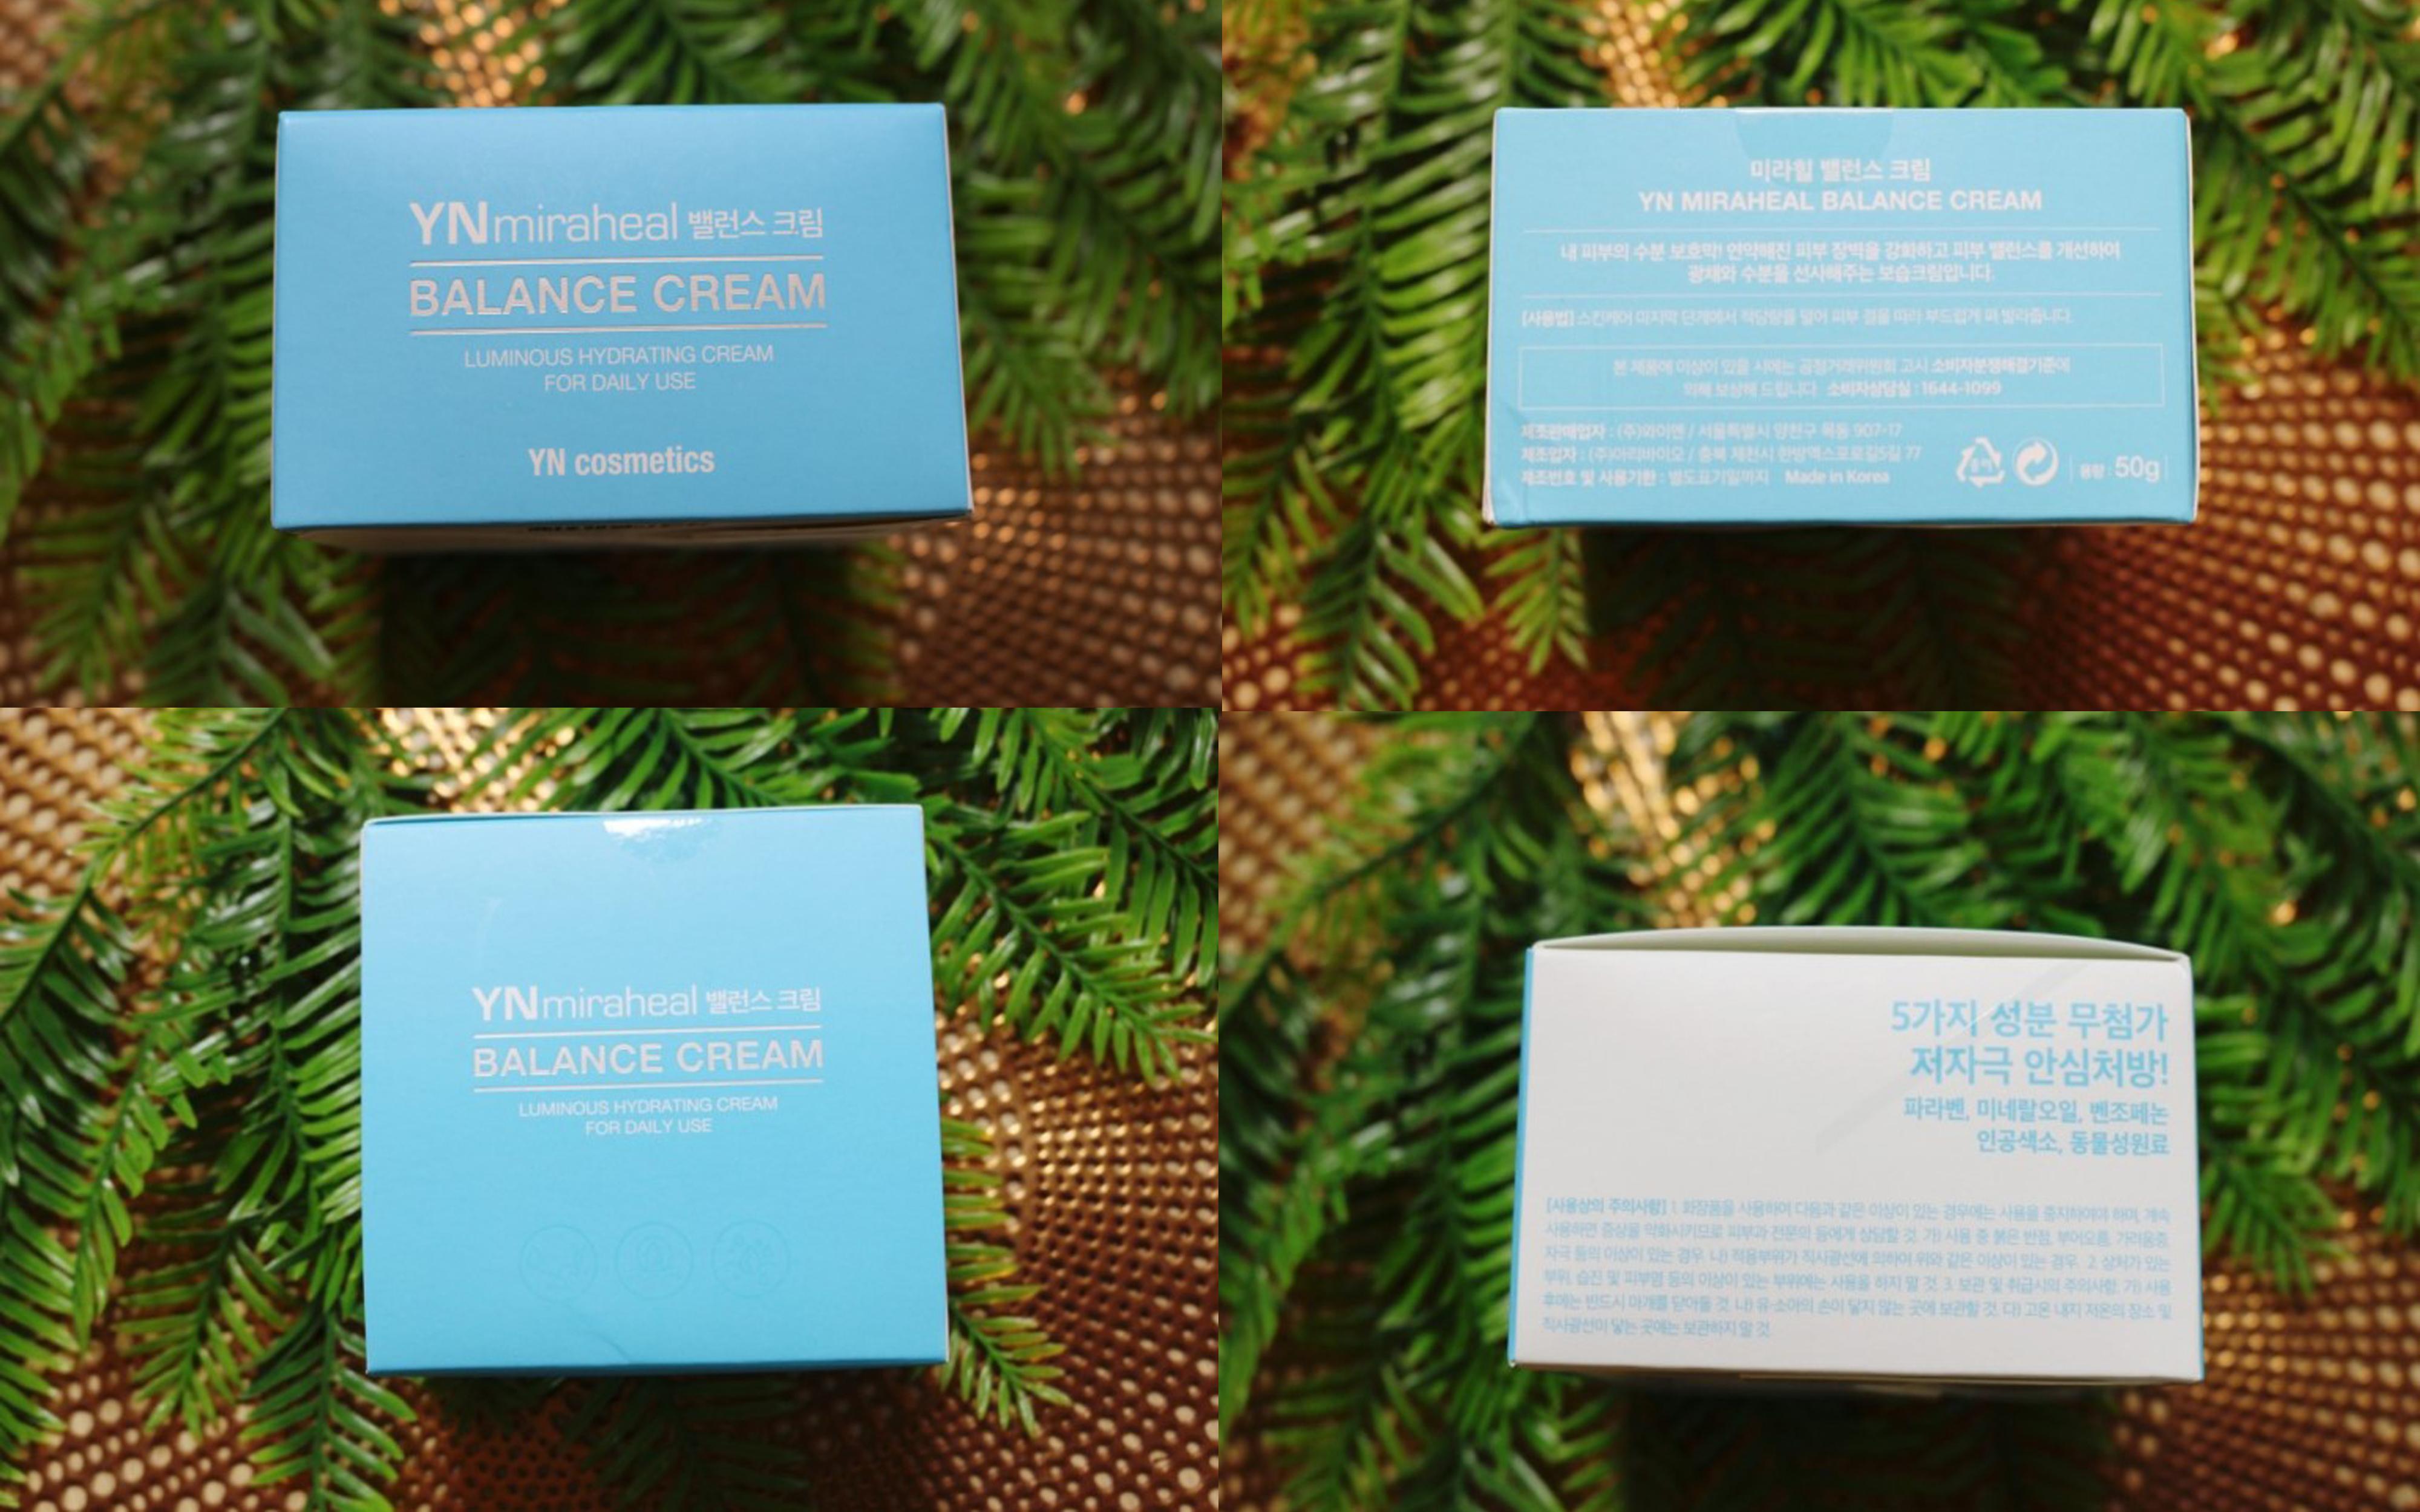 Tôi cũng rất thích thiết kế của hộp kem dưỡng da. Màu xanh rất hợp với thiết kế của tổng thể hộp